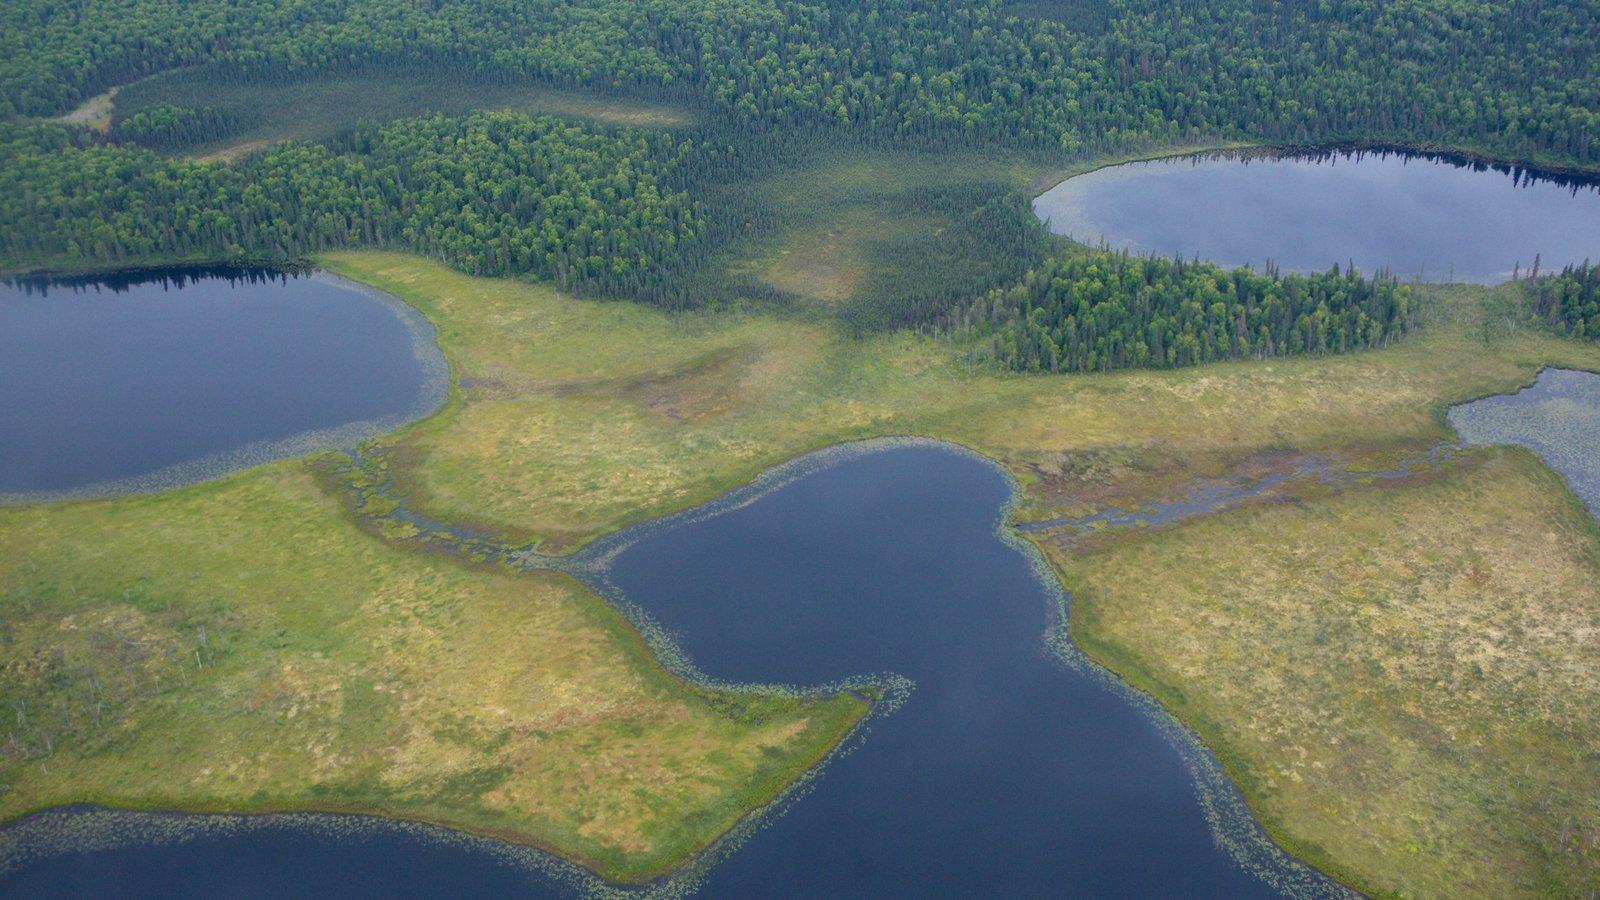 Anchorage que incluye escenas forestales y un lago o abrevadero